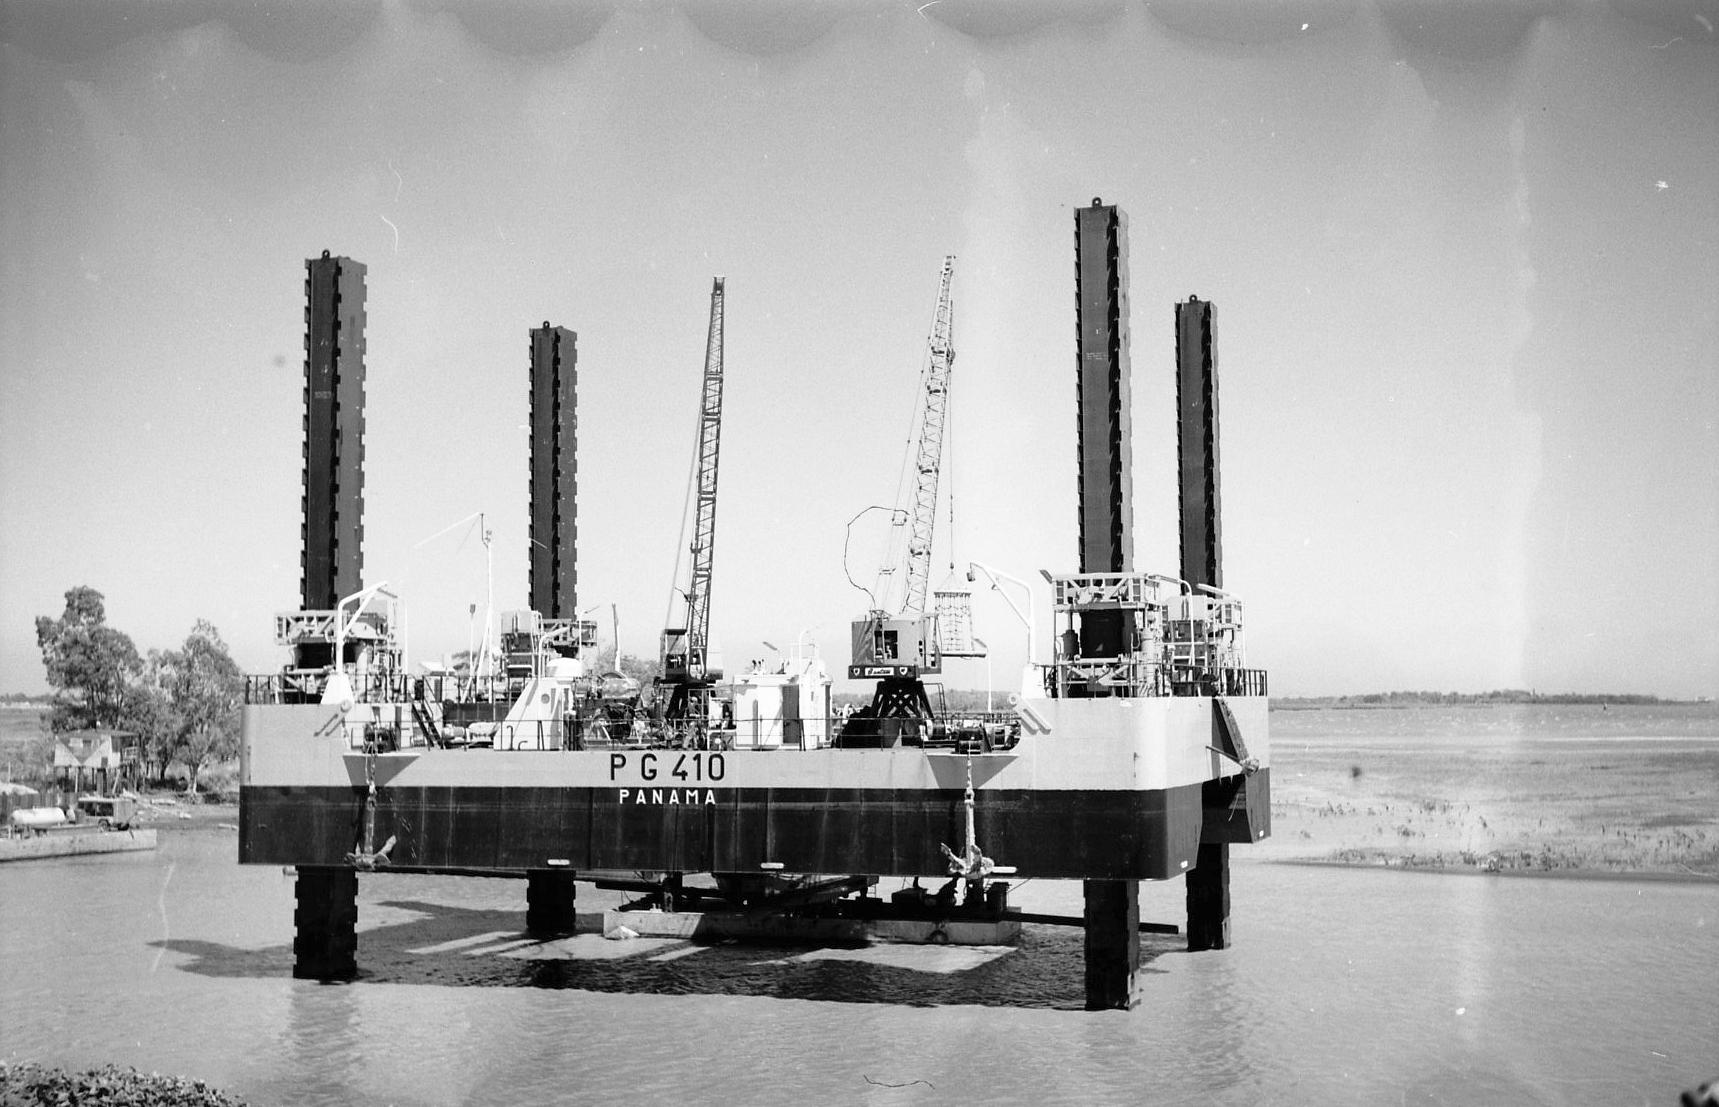 Bnr. 375: PG 410 (1968)